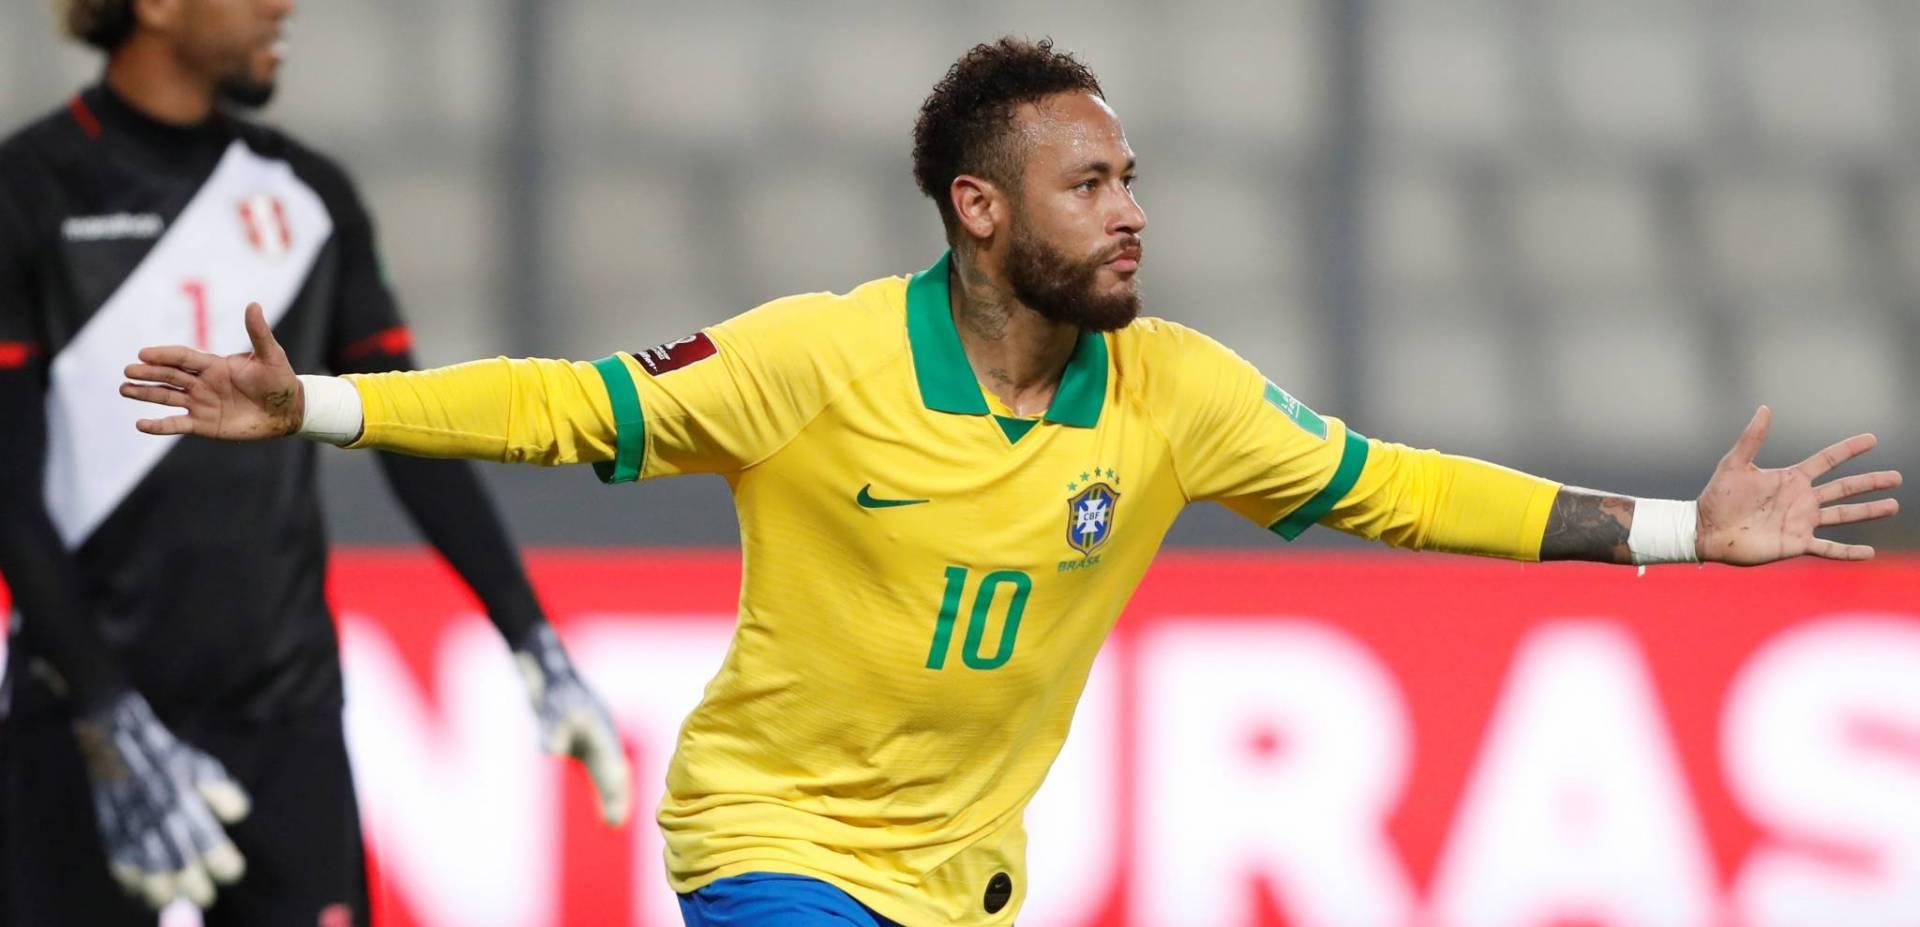 نيمار «الاستثنائي».. هل يحقق الحلم قبل مونديال 2022؟